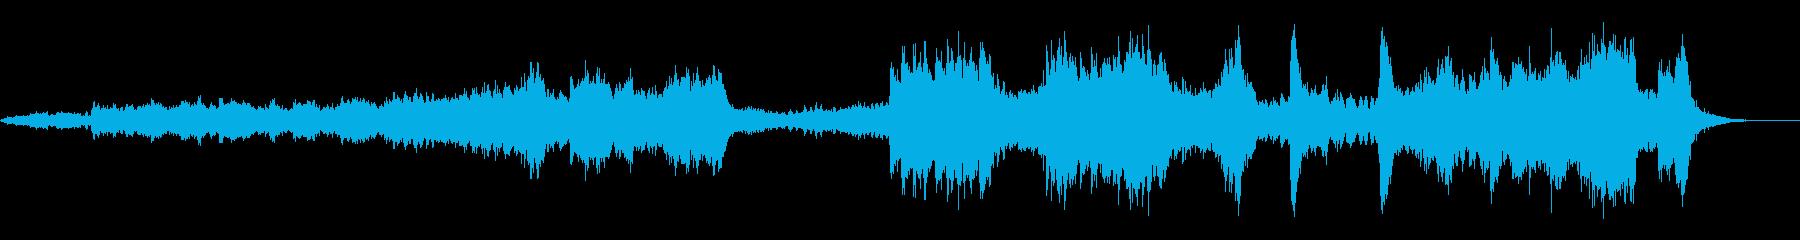 オープニング明るく盛り上がるクラシックMの再生済みの波形